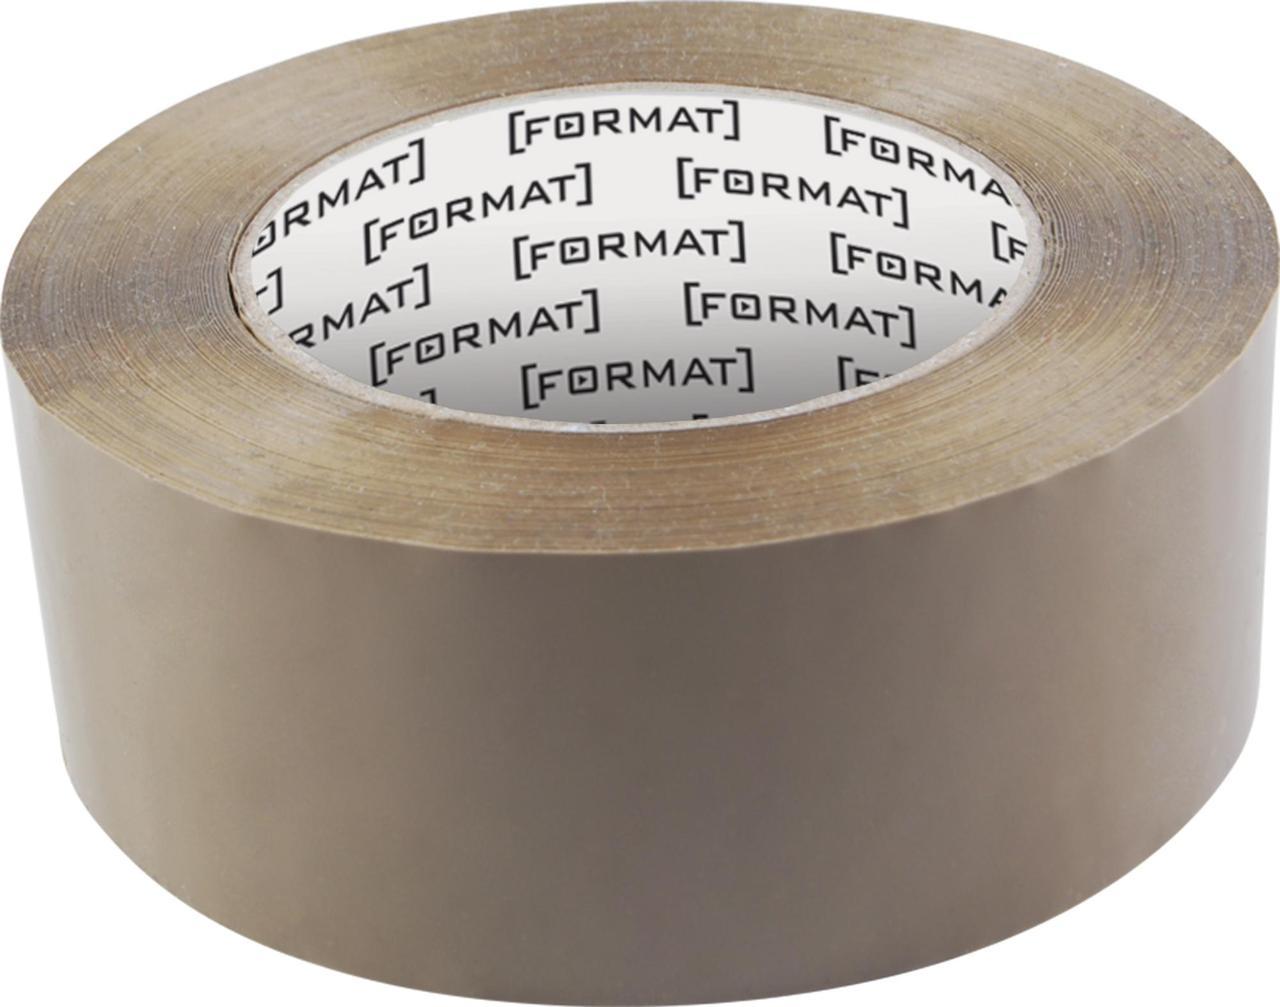 Лента клейкая упаковочная 45 мм х 66 коричневая